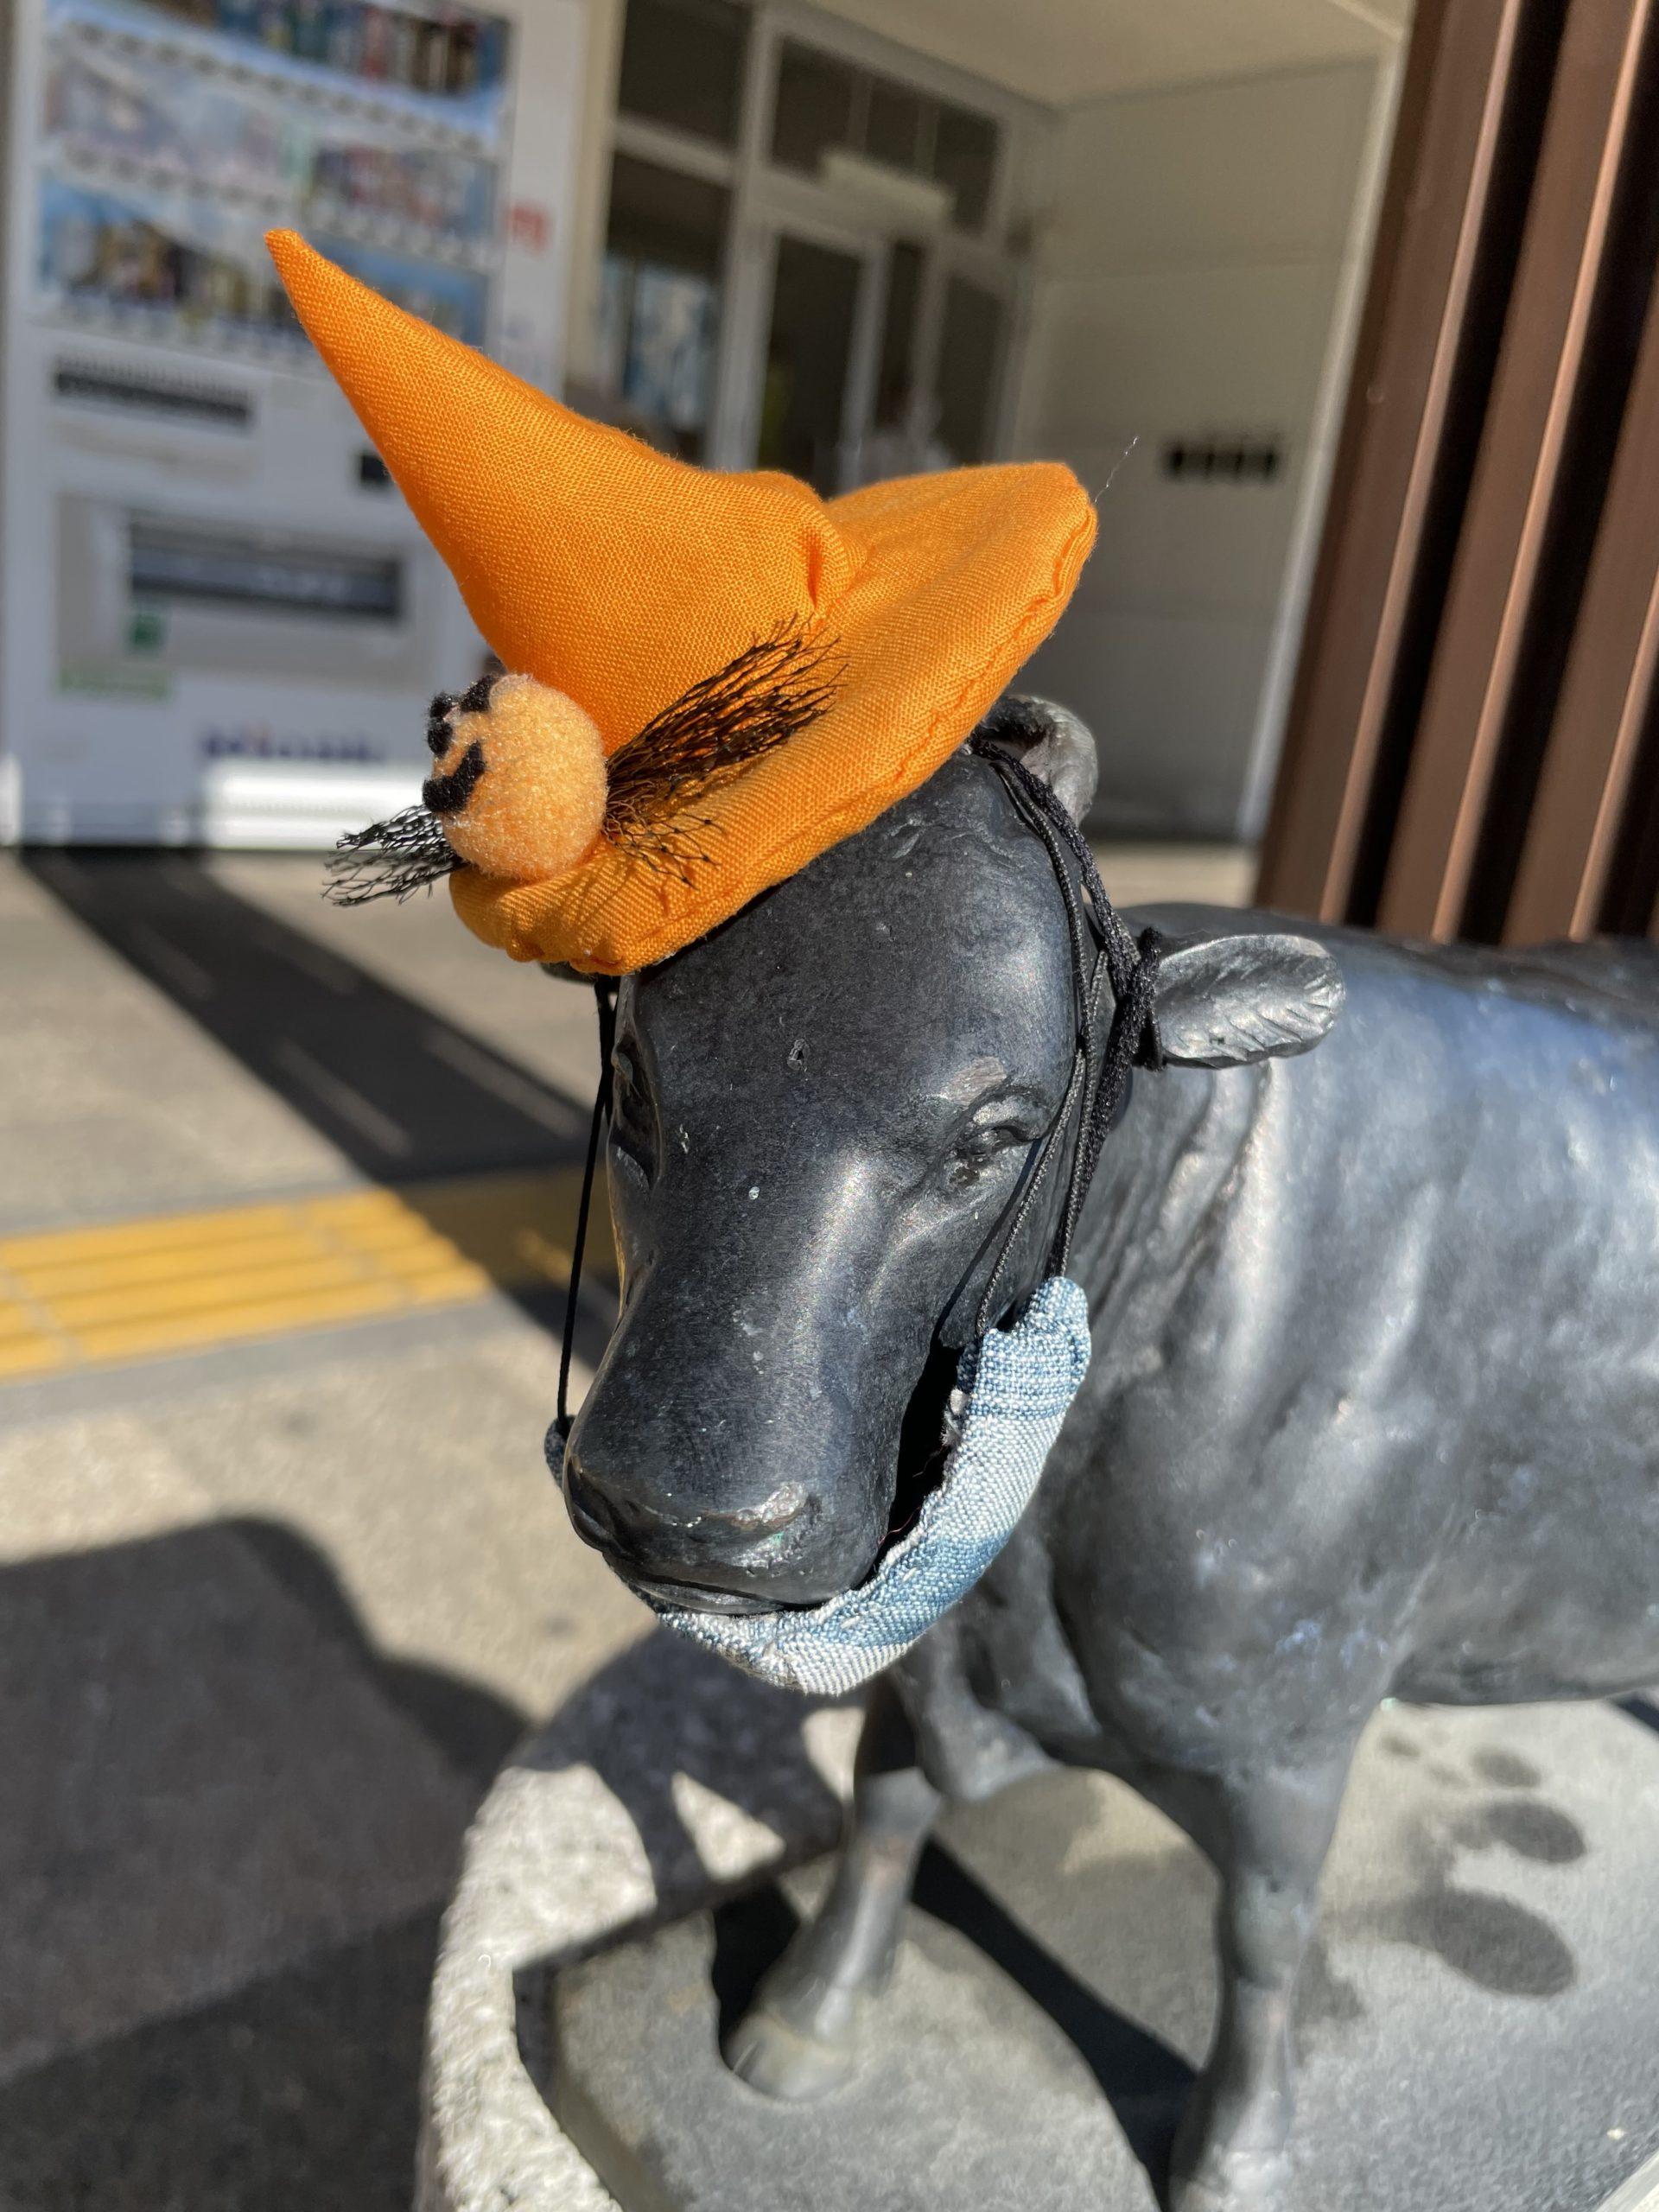 松阪駅前の牛さん、ハロウィン仕様です。